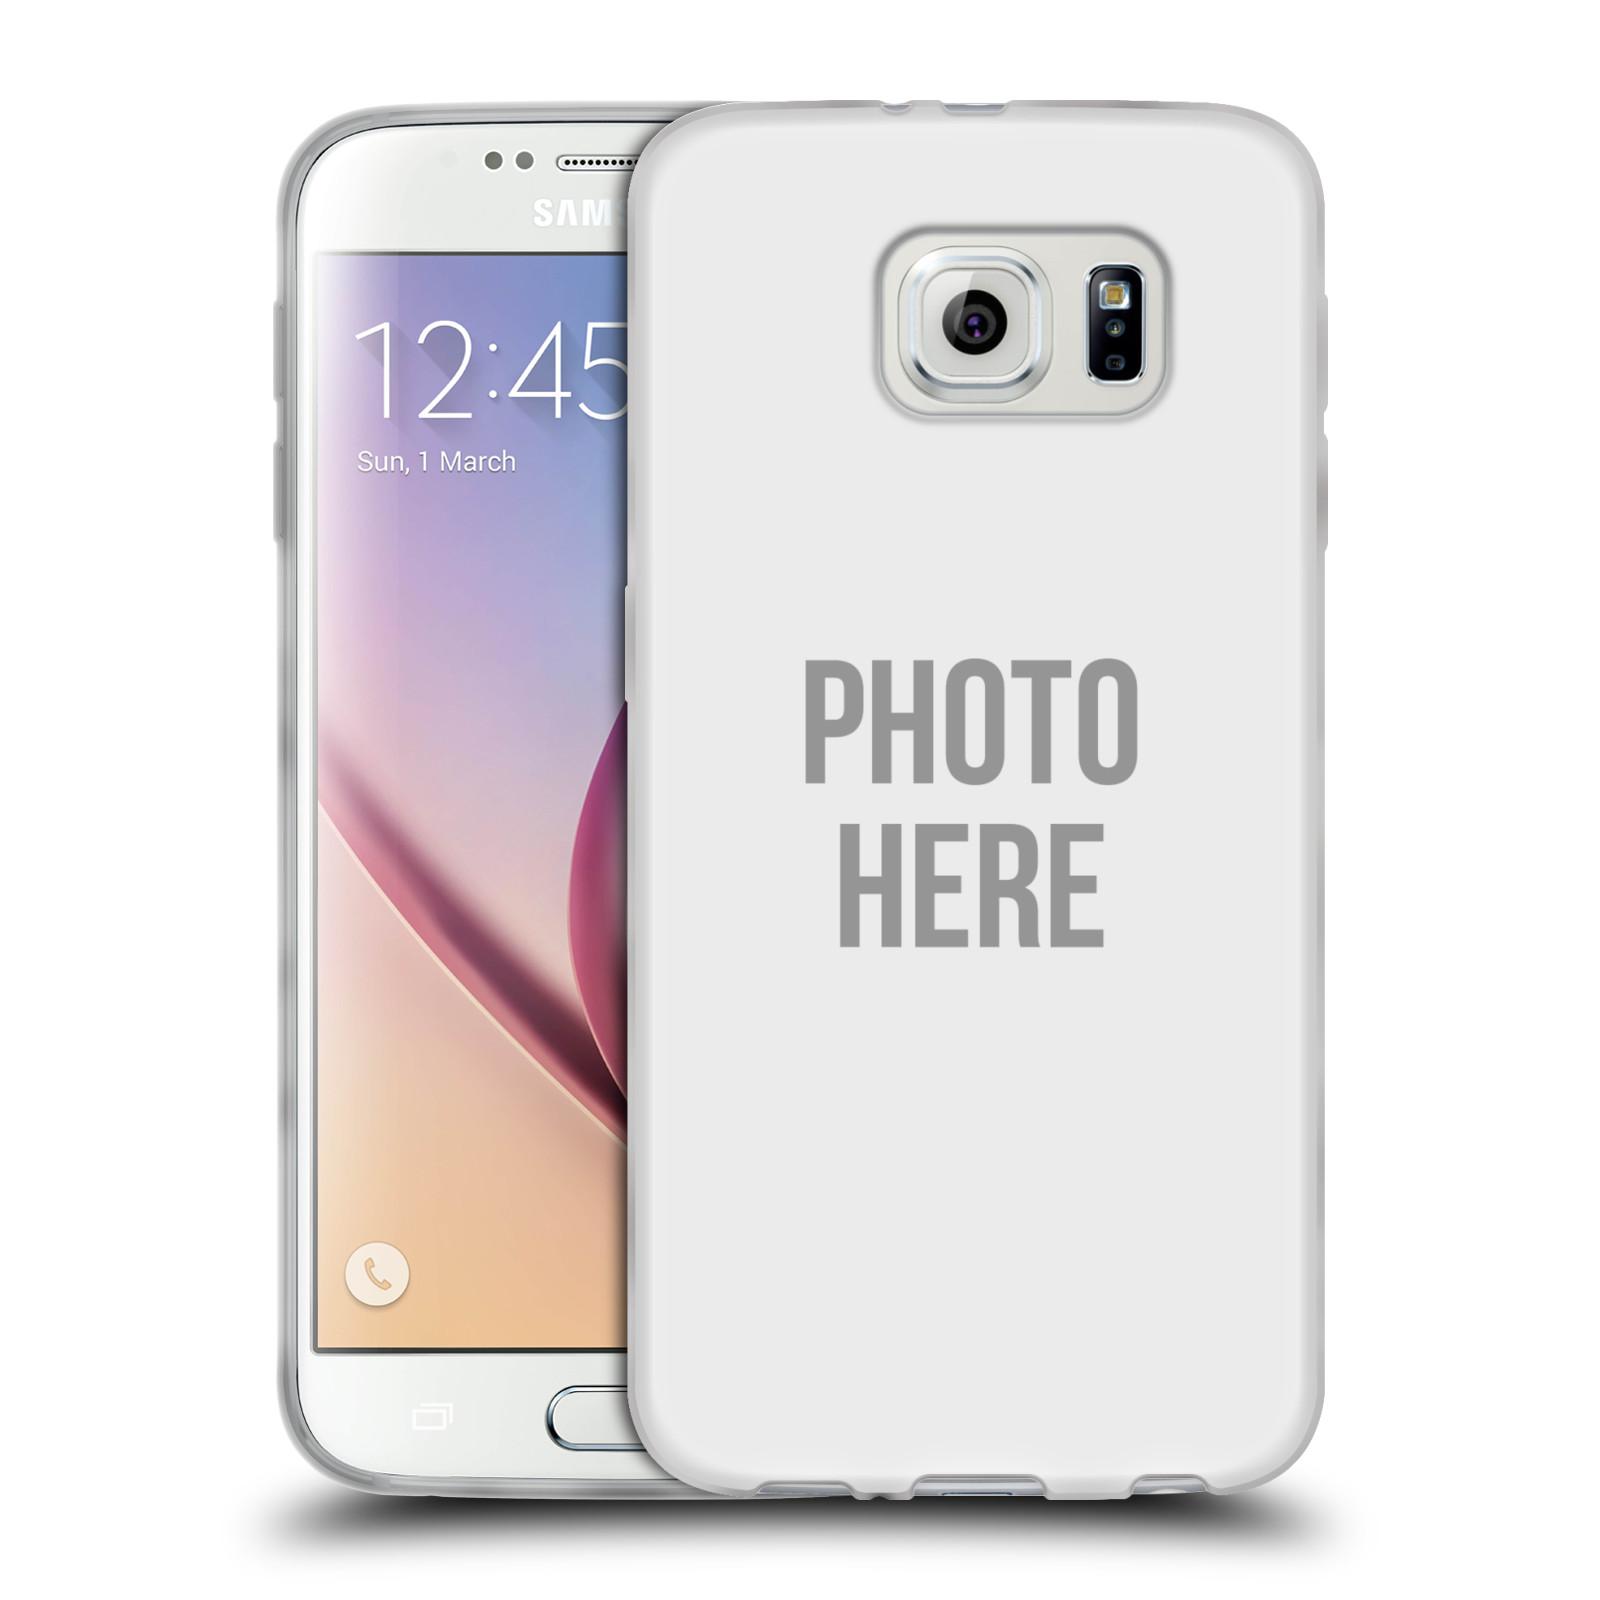 Silikonové pouzdro na mobil Samsung Galaxy S6 HEAD CASE s vlastním motivem